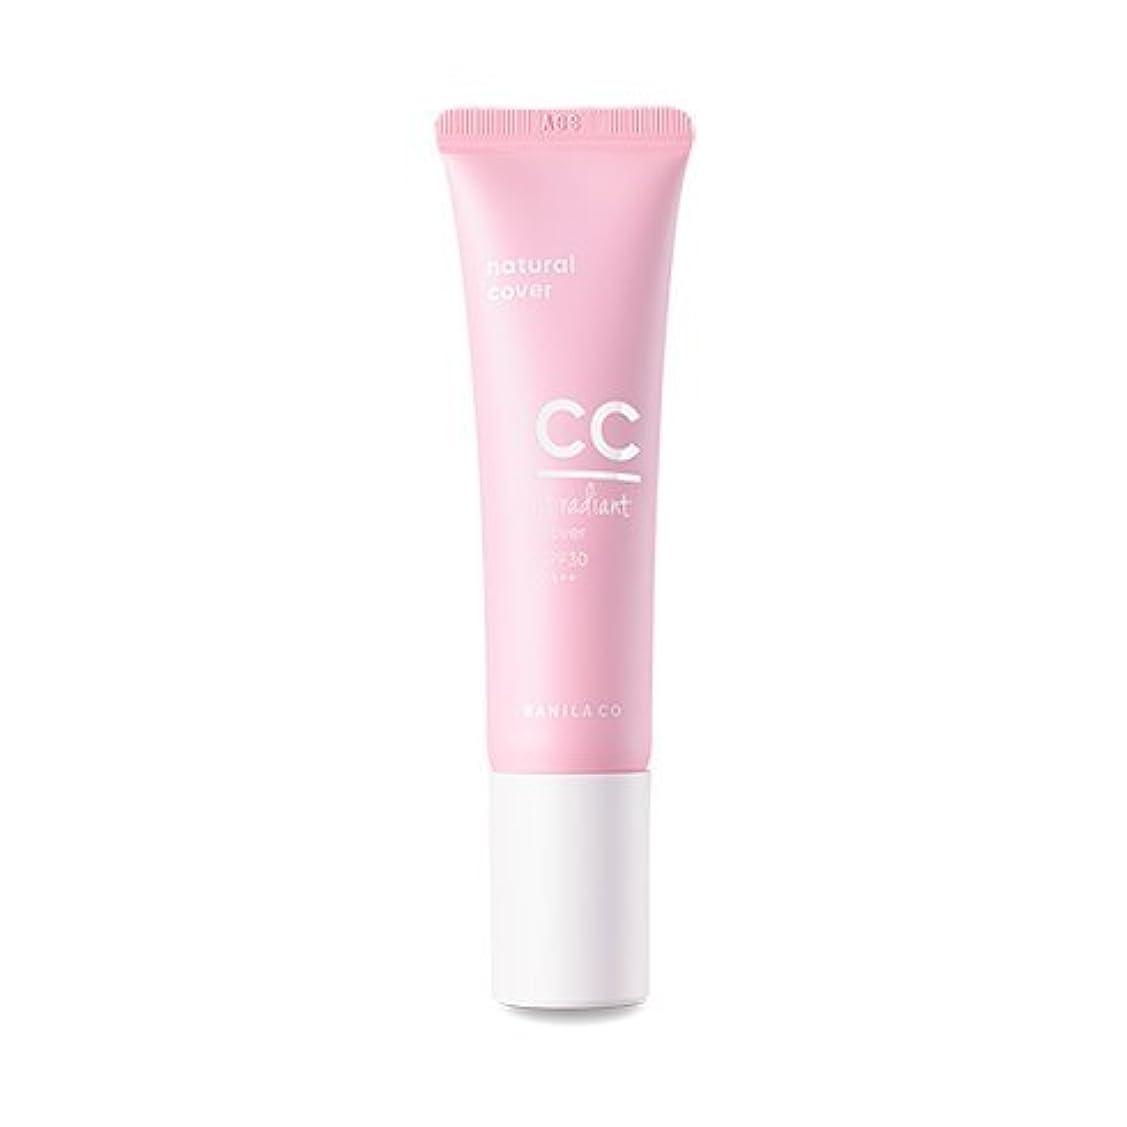 関係する鈍いを通して[BANILA CO] バニラコイッラディアントCCカバークリーム 30ml / banila co it radiant CC cover cream SPF30 PA++ natural cover [並行輸入品]...